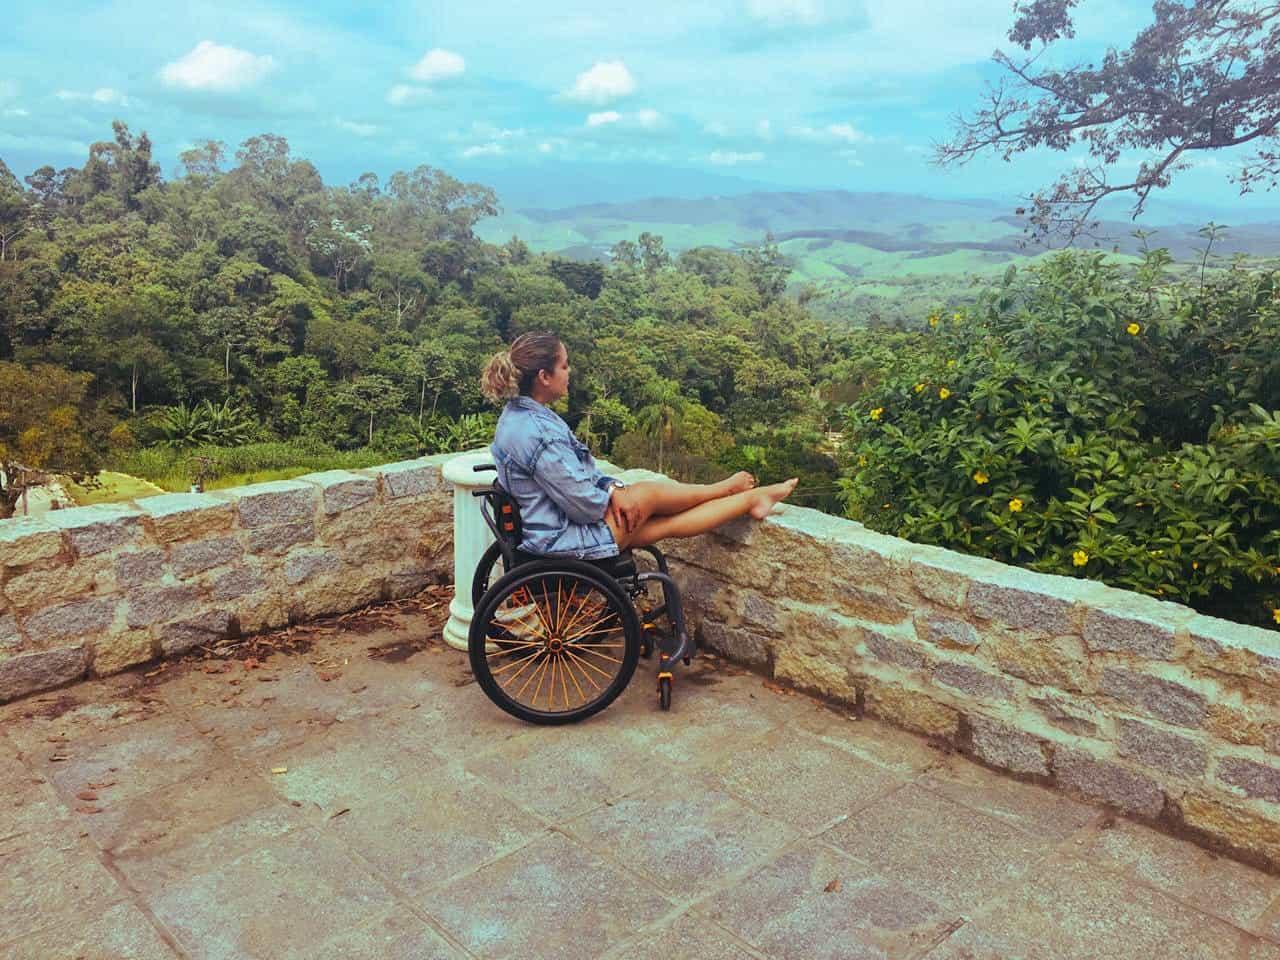 O mundo é delas: Suelen Almeida fala sobre turismo acessível